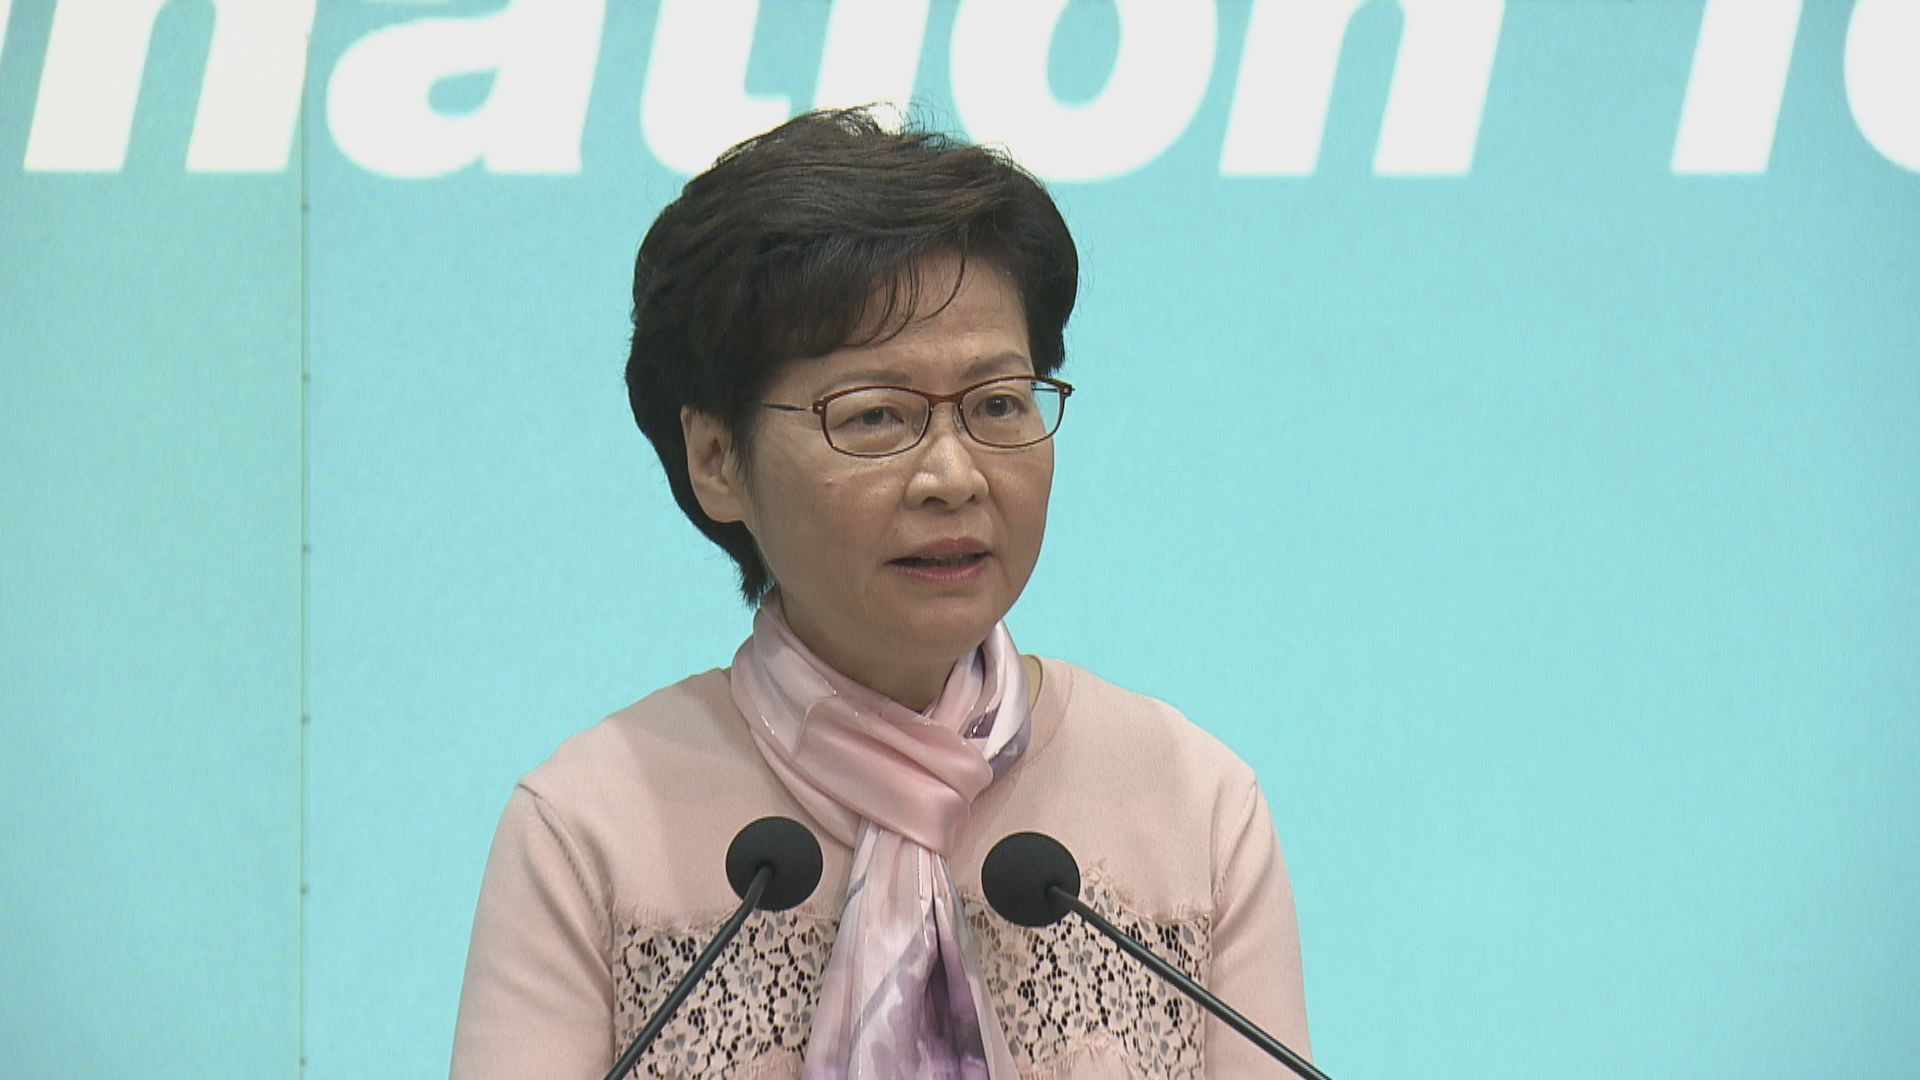 林鄭月娥:周三屆滿的社交距離措施非適當時候放寬